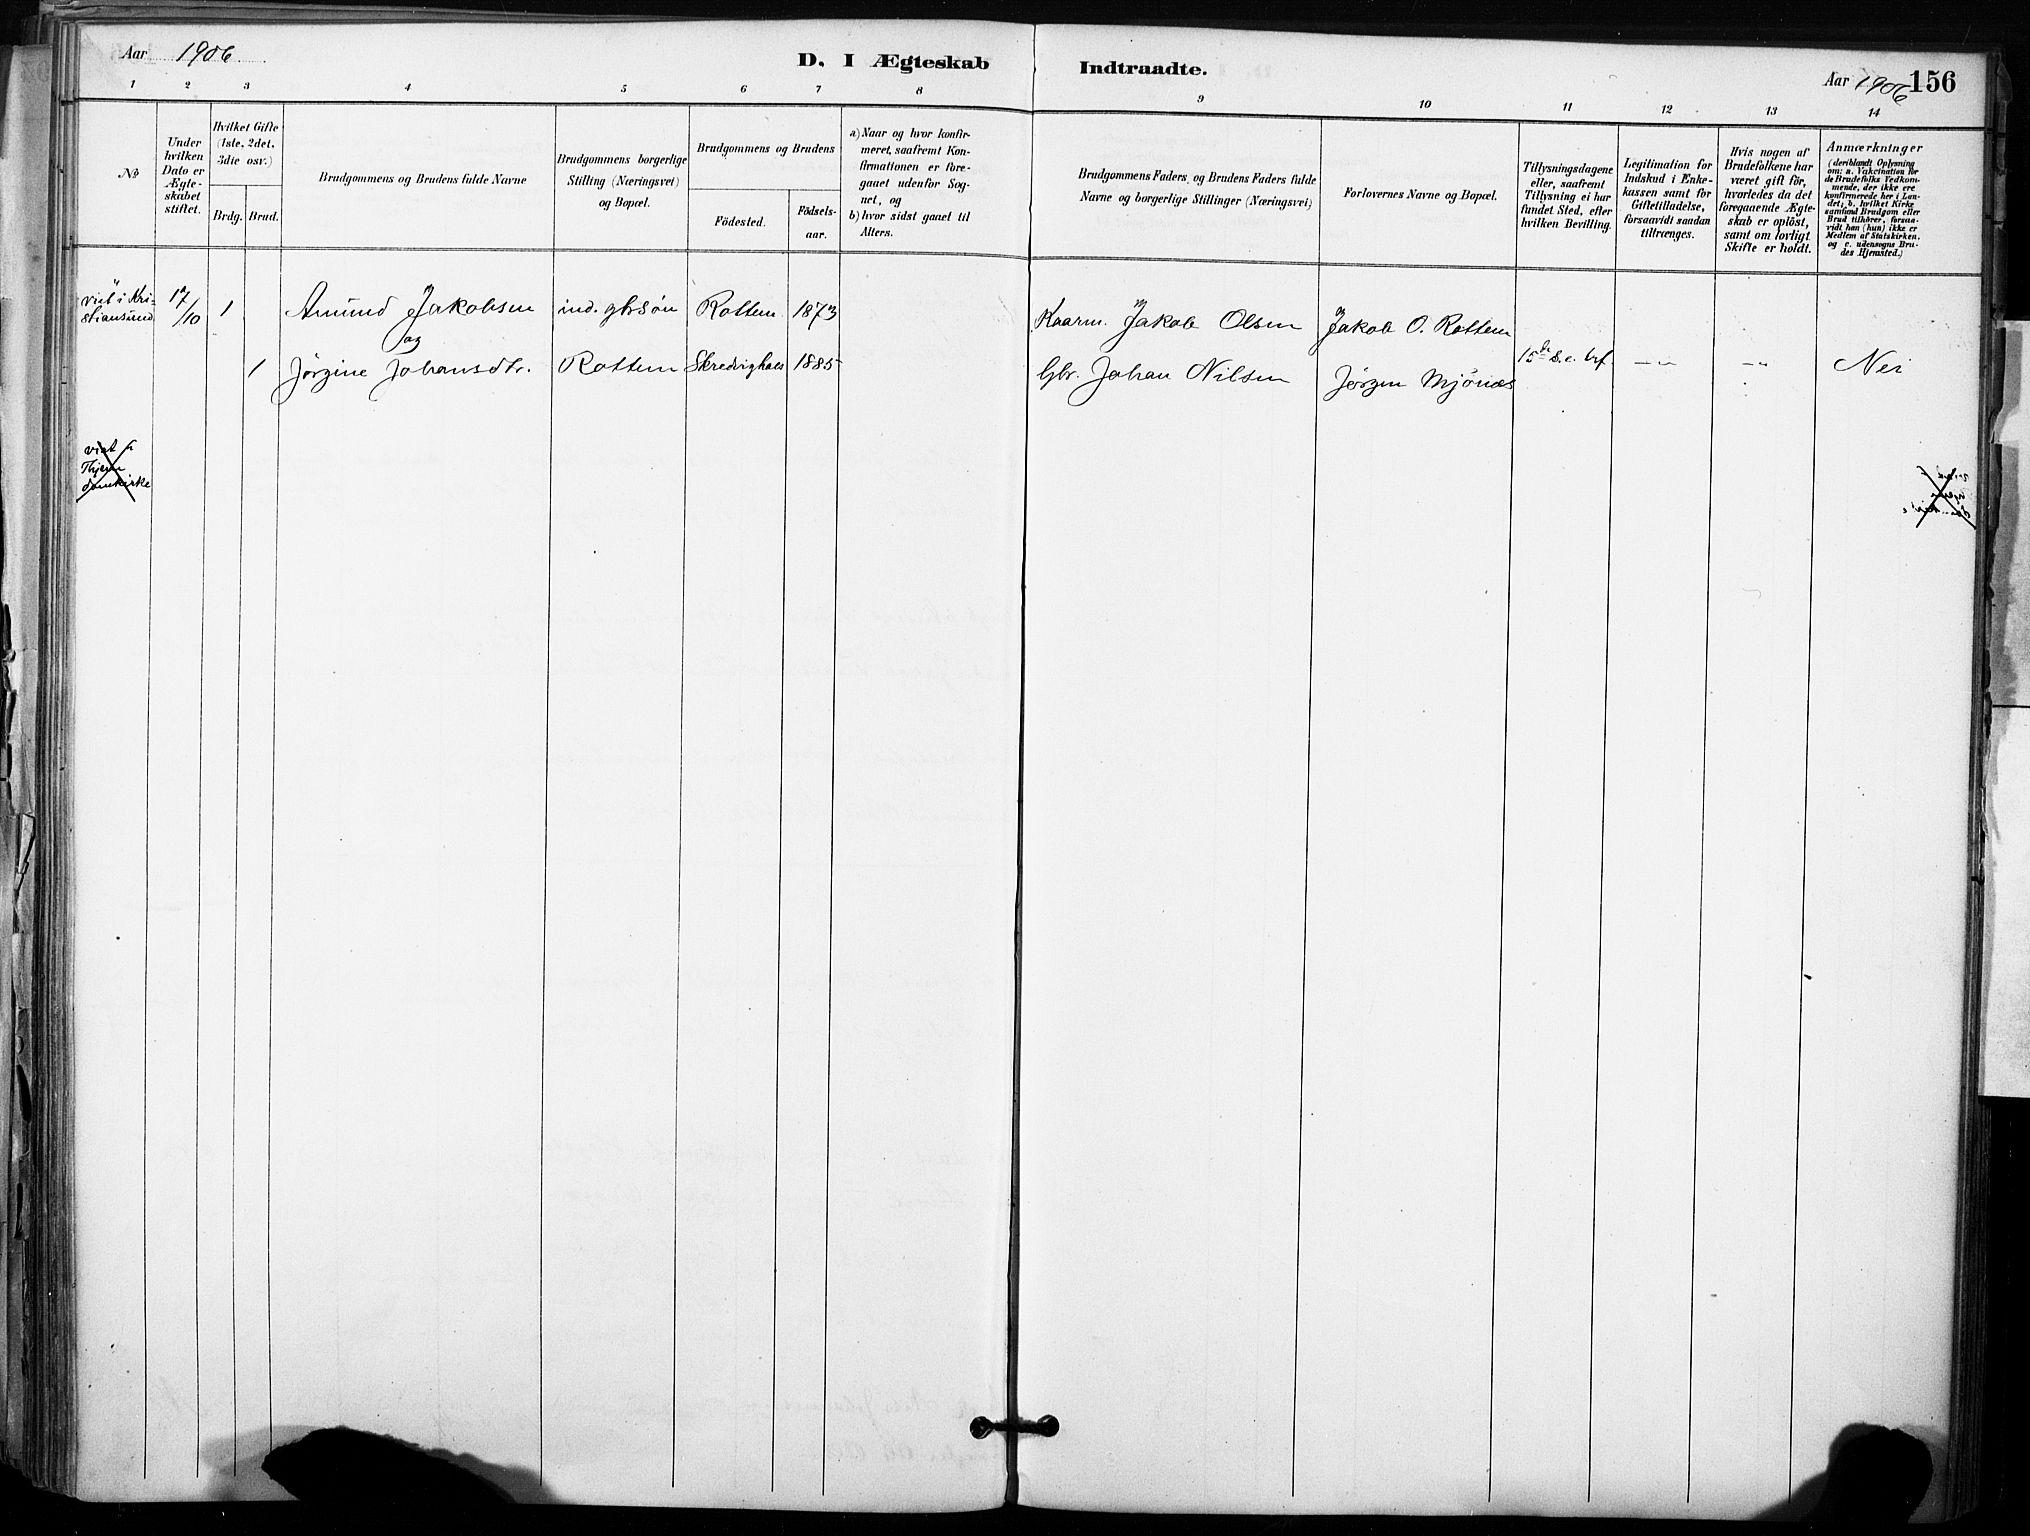 SAT, Ministerialprotokoller, klokkerbøker og fødselsregistre - Sør-Trøndelag, 633/L0518: Ministerialbok nr. 633A01, 1884-1906, s. 156